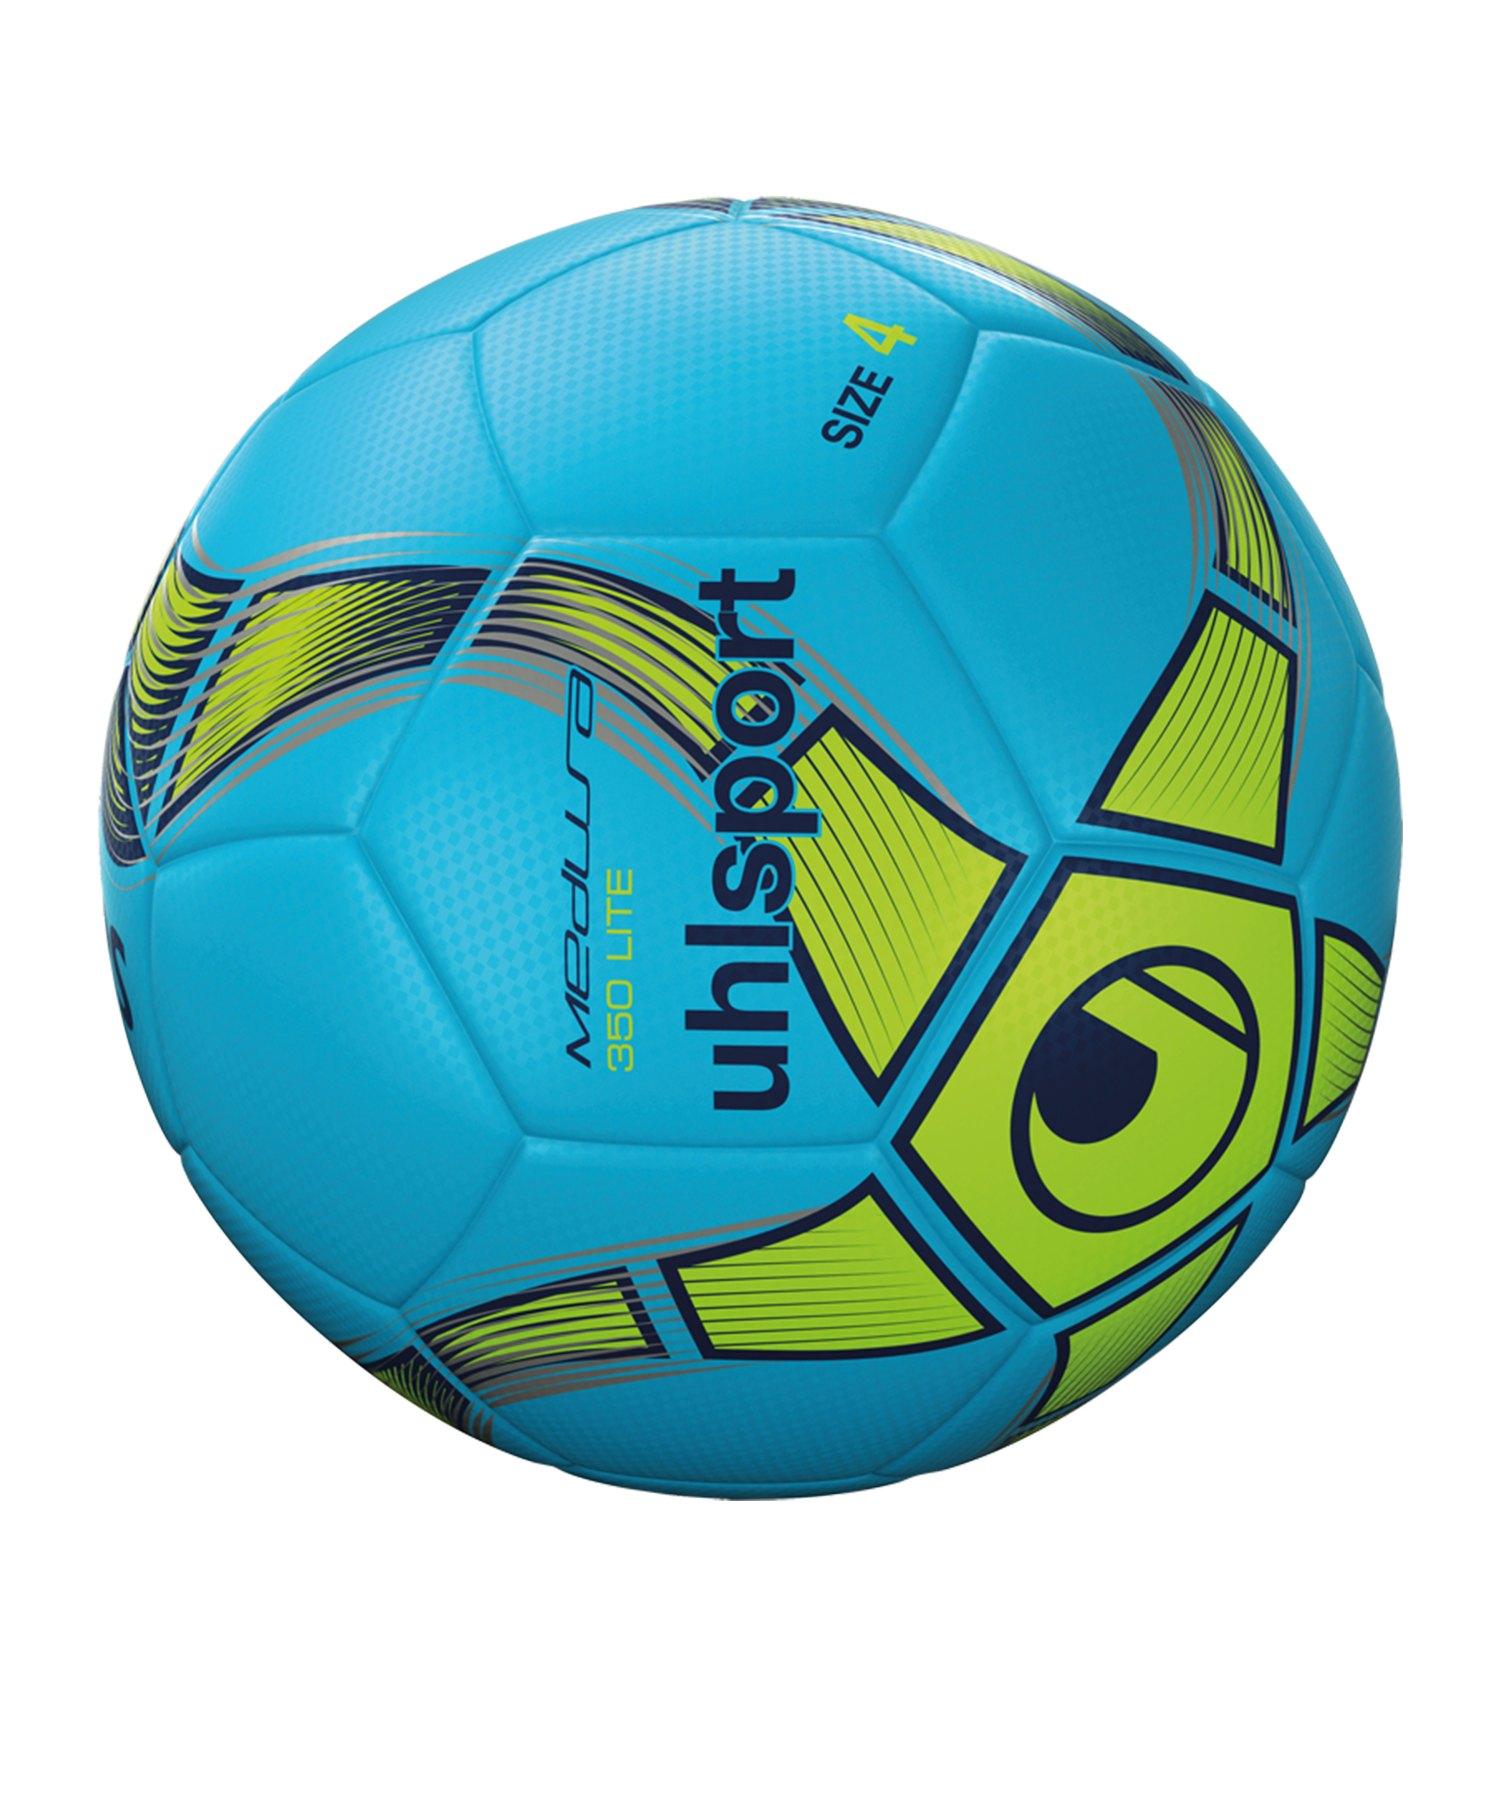 Uhlsport Medusa Anteo 350 Lite Fussball Blau F02 - blau